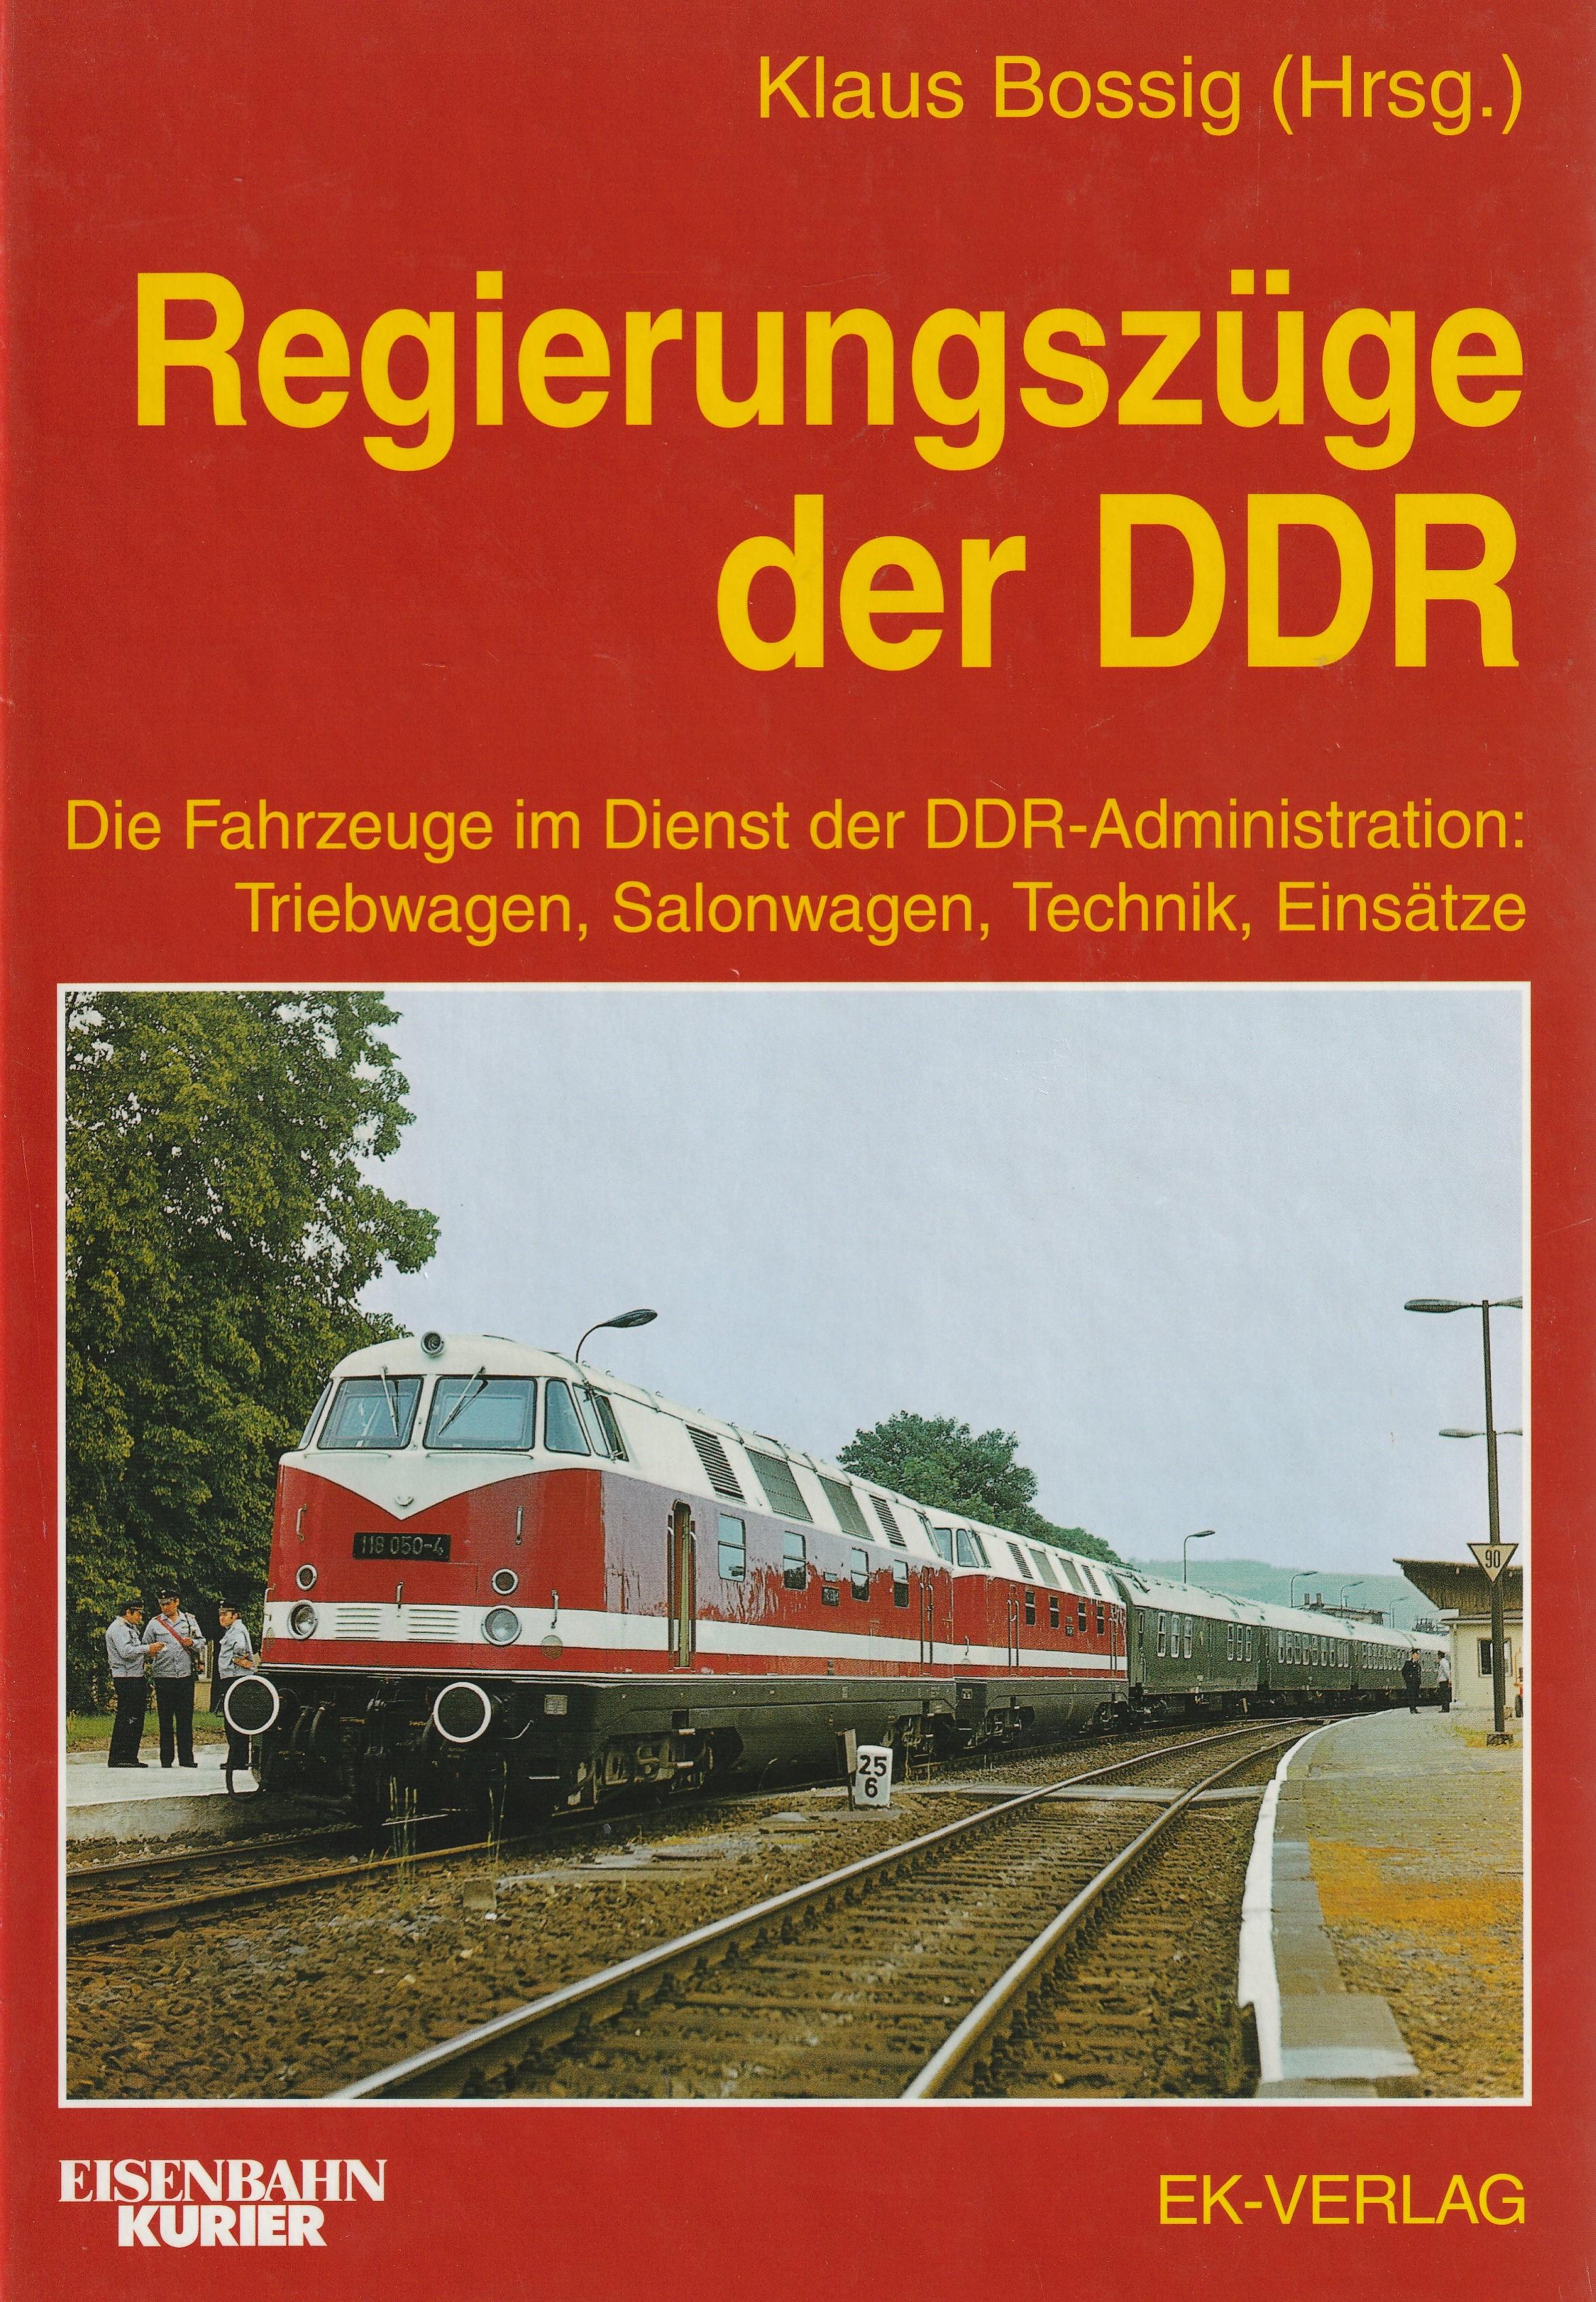 Regierungszüge der DDR